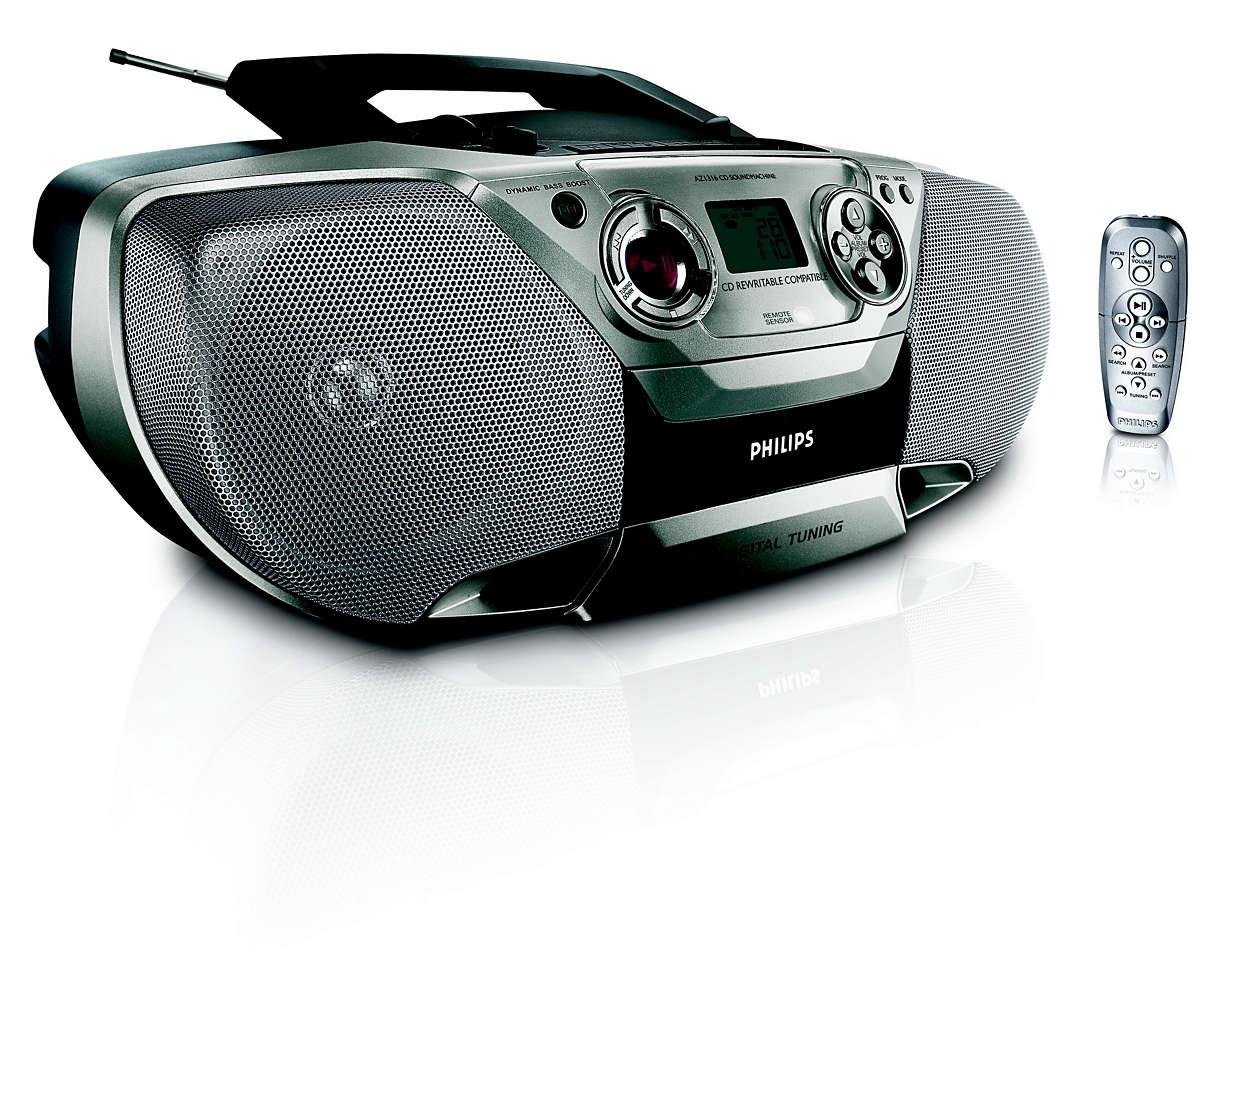 일체형, 탁월한 MP3 음질